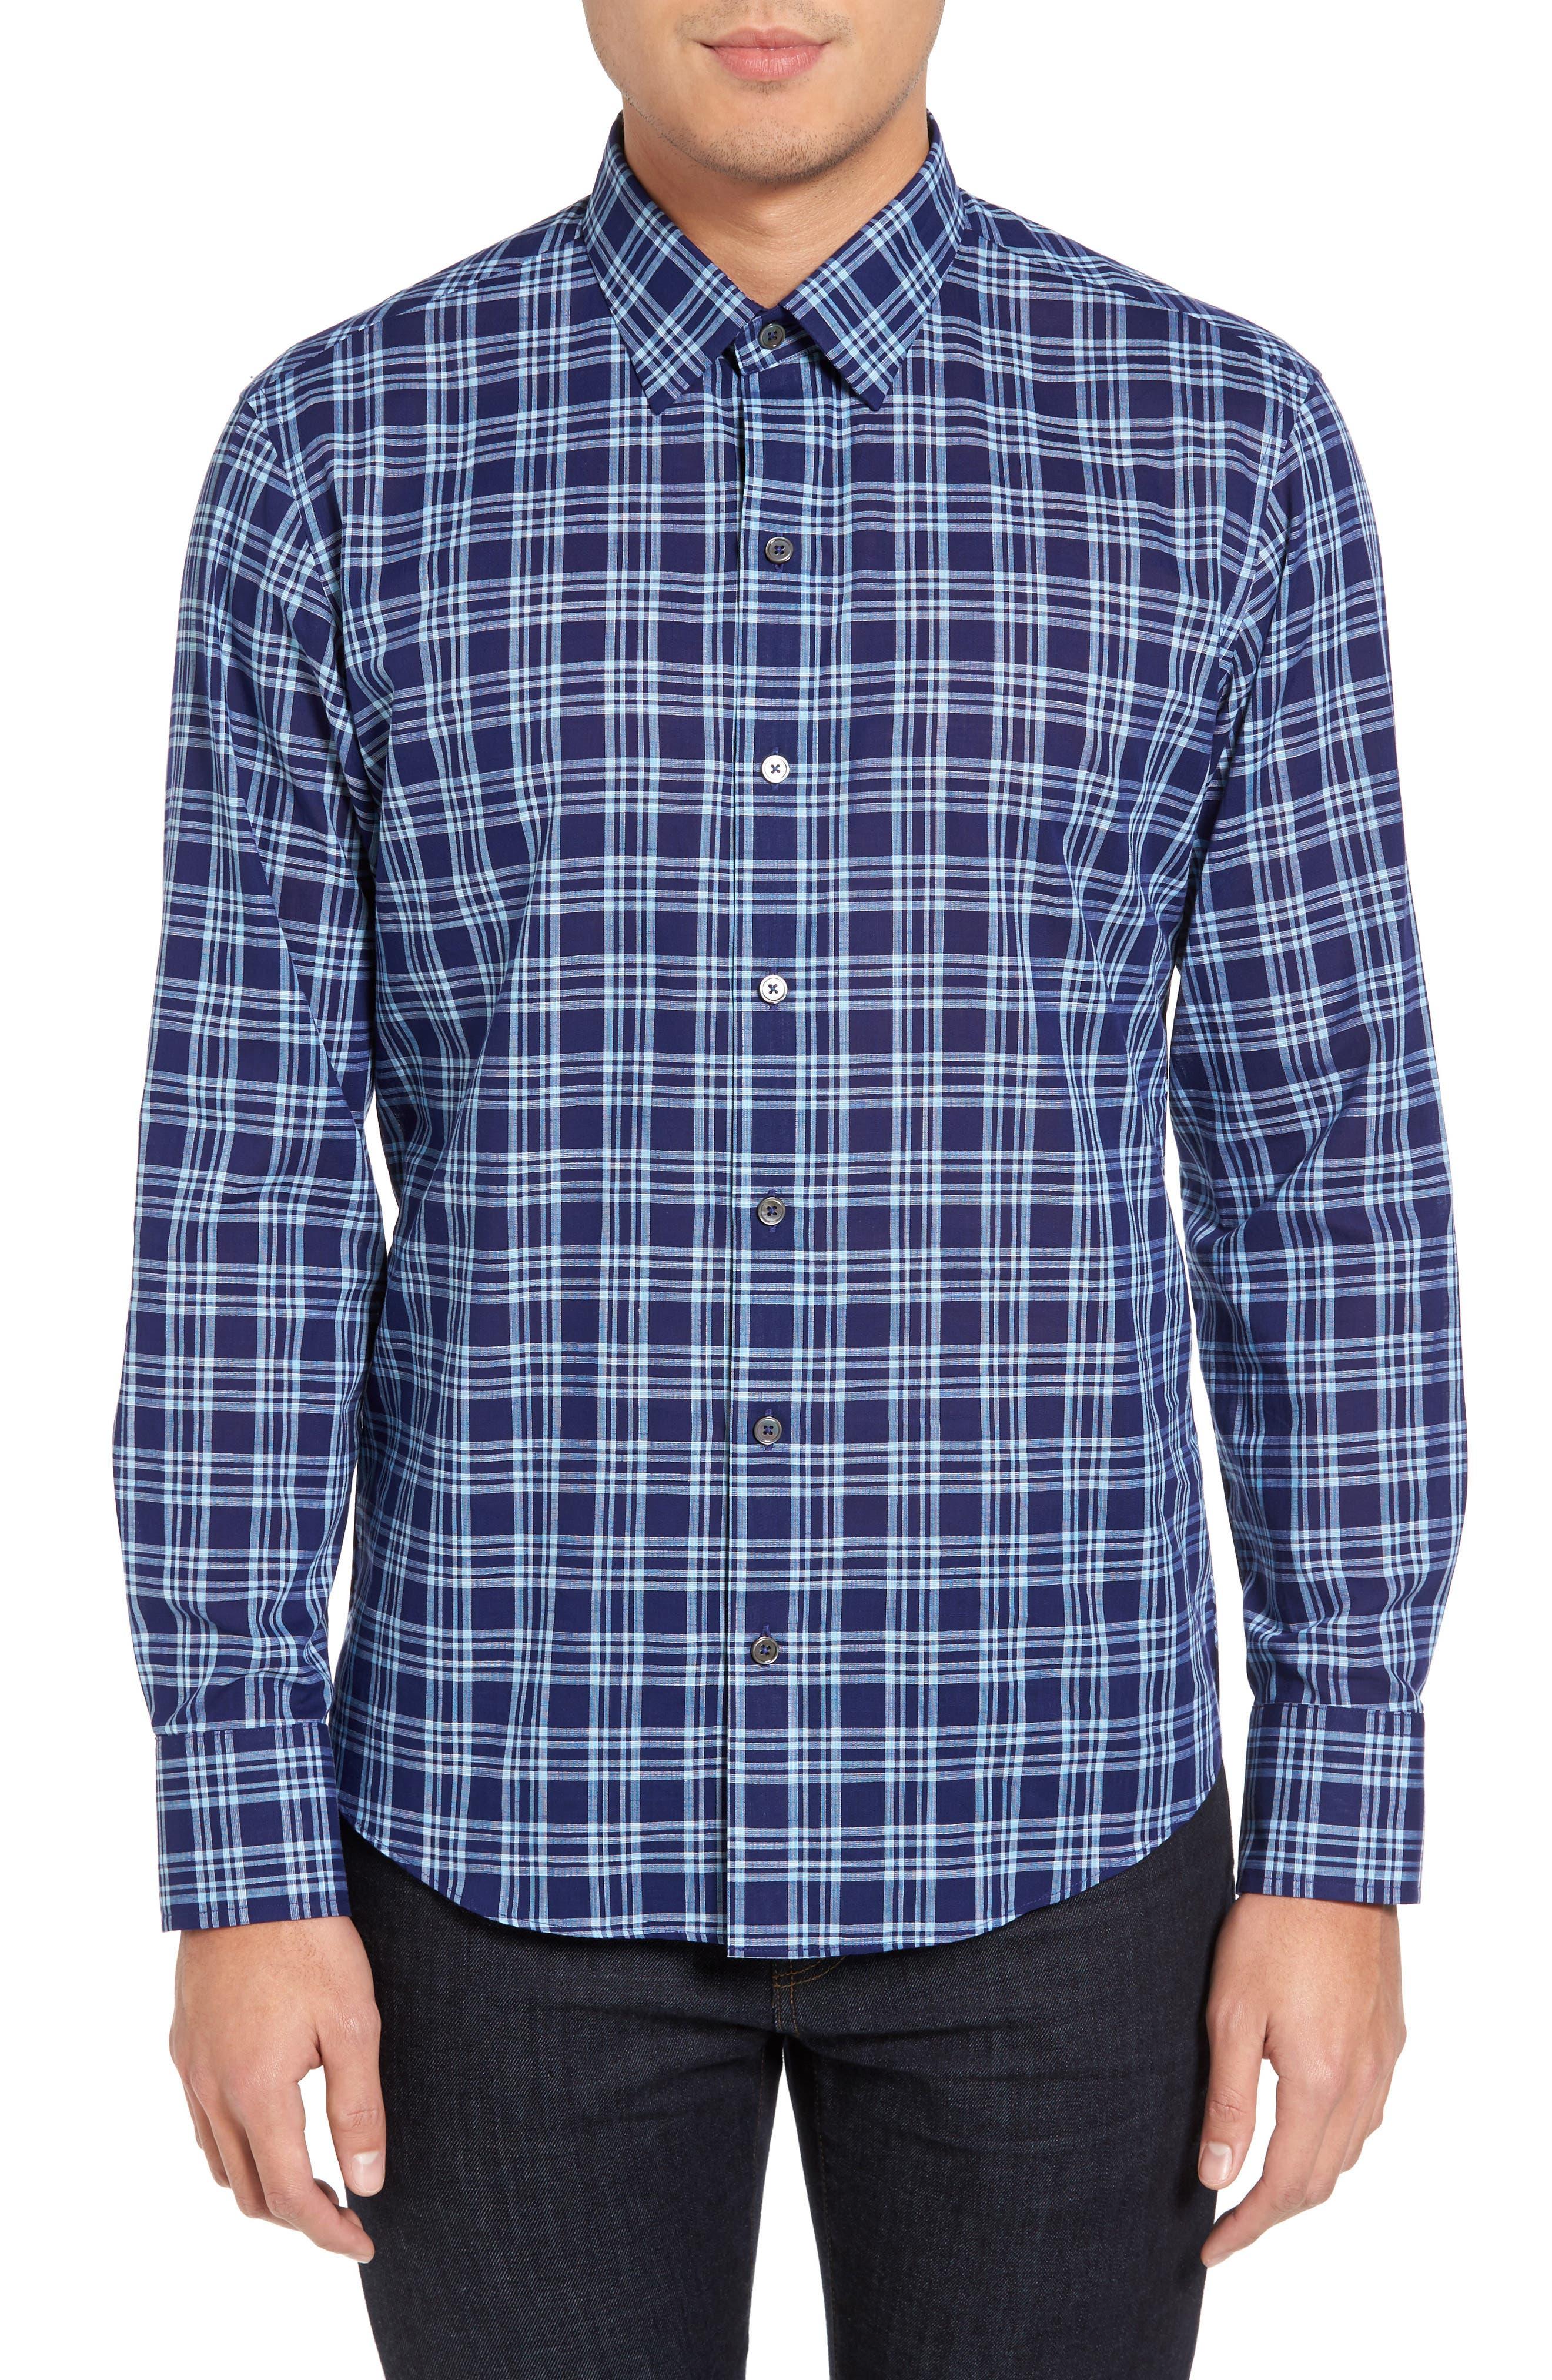 Leventhal Trim Fit Plaid Sport Shirt,                         Main,                         color, Pacific